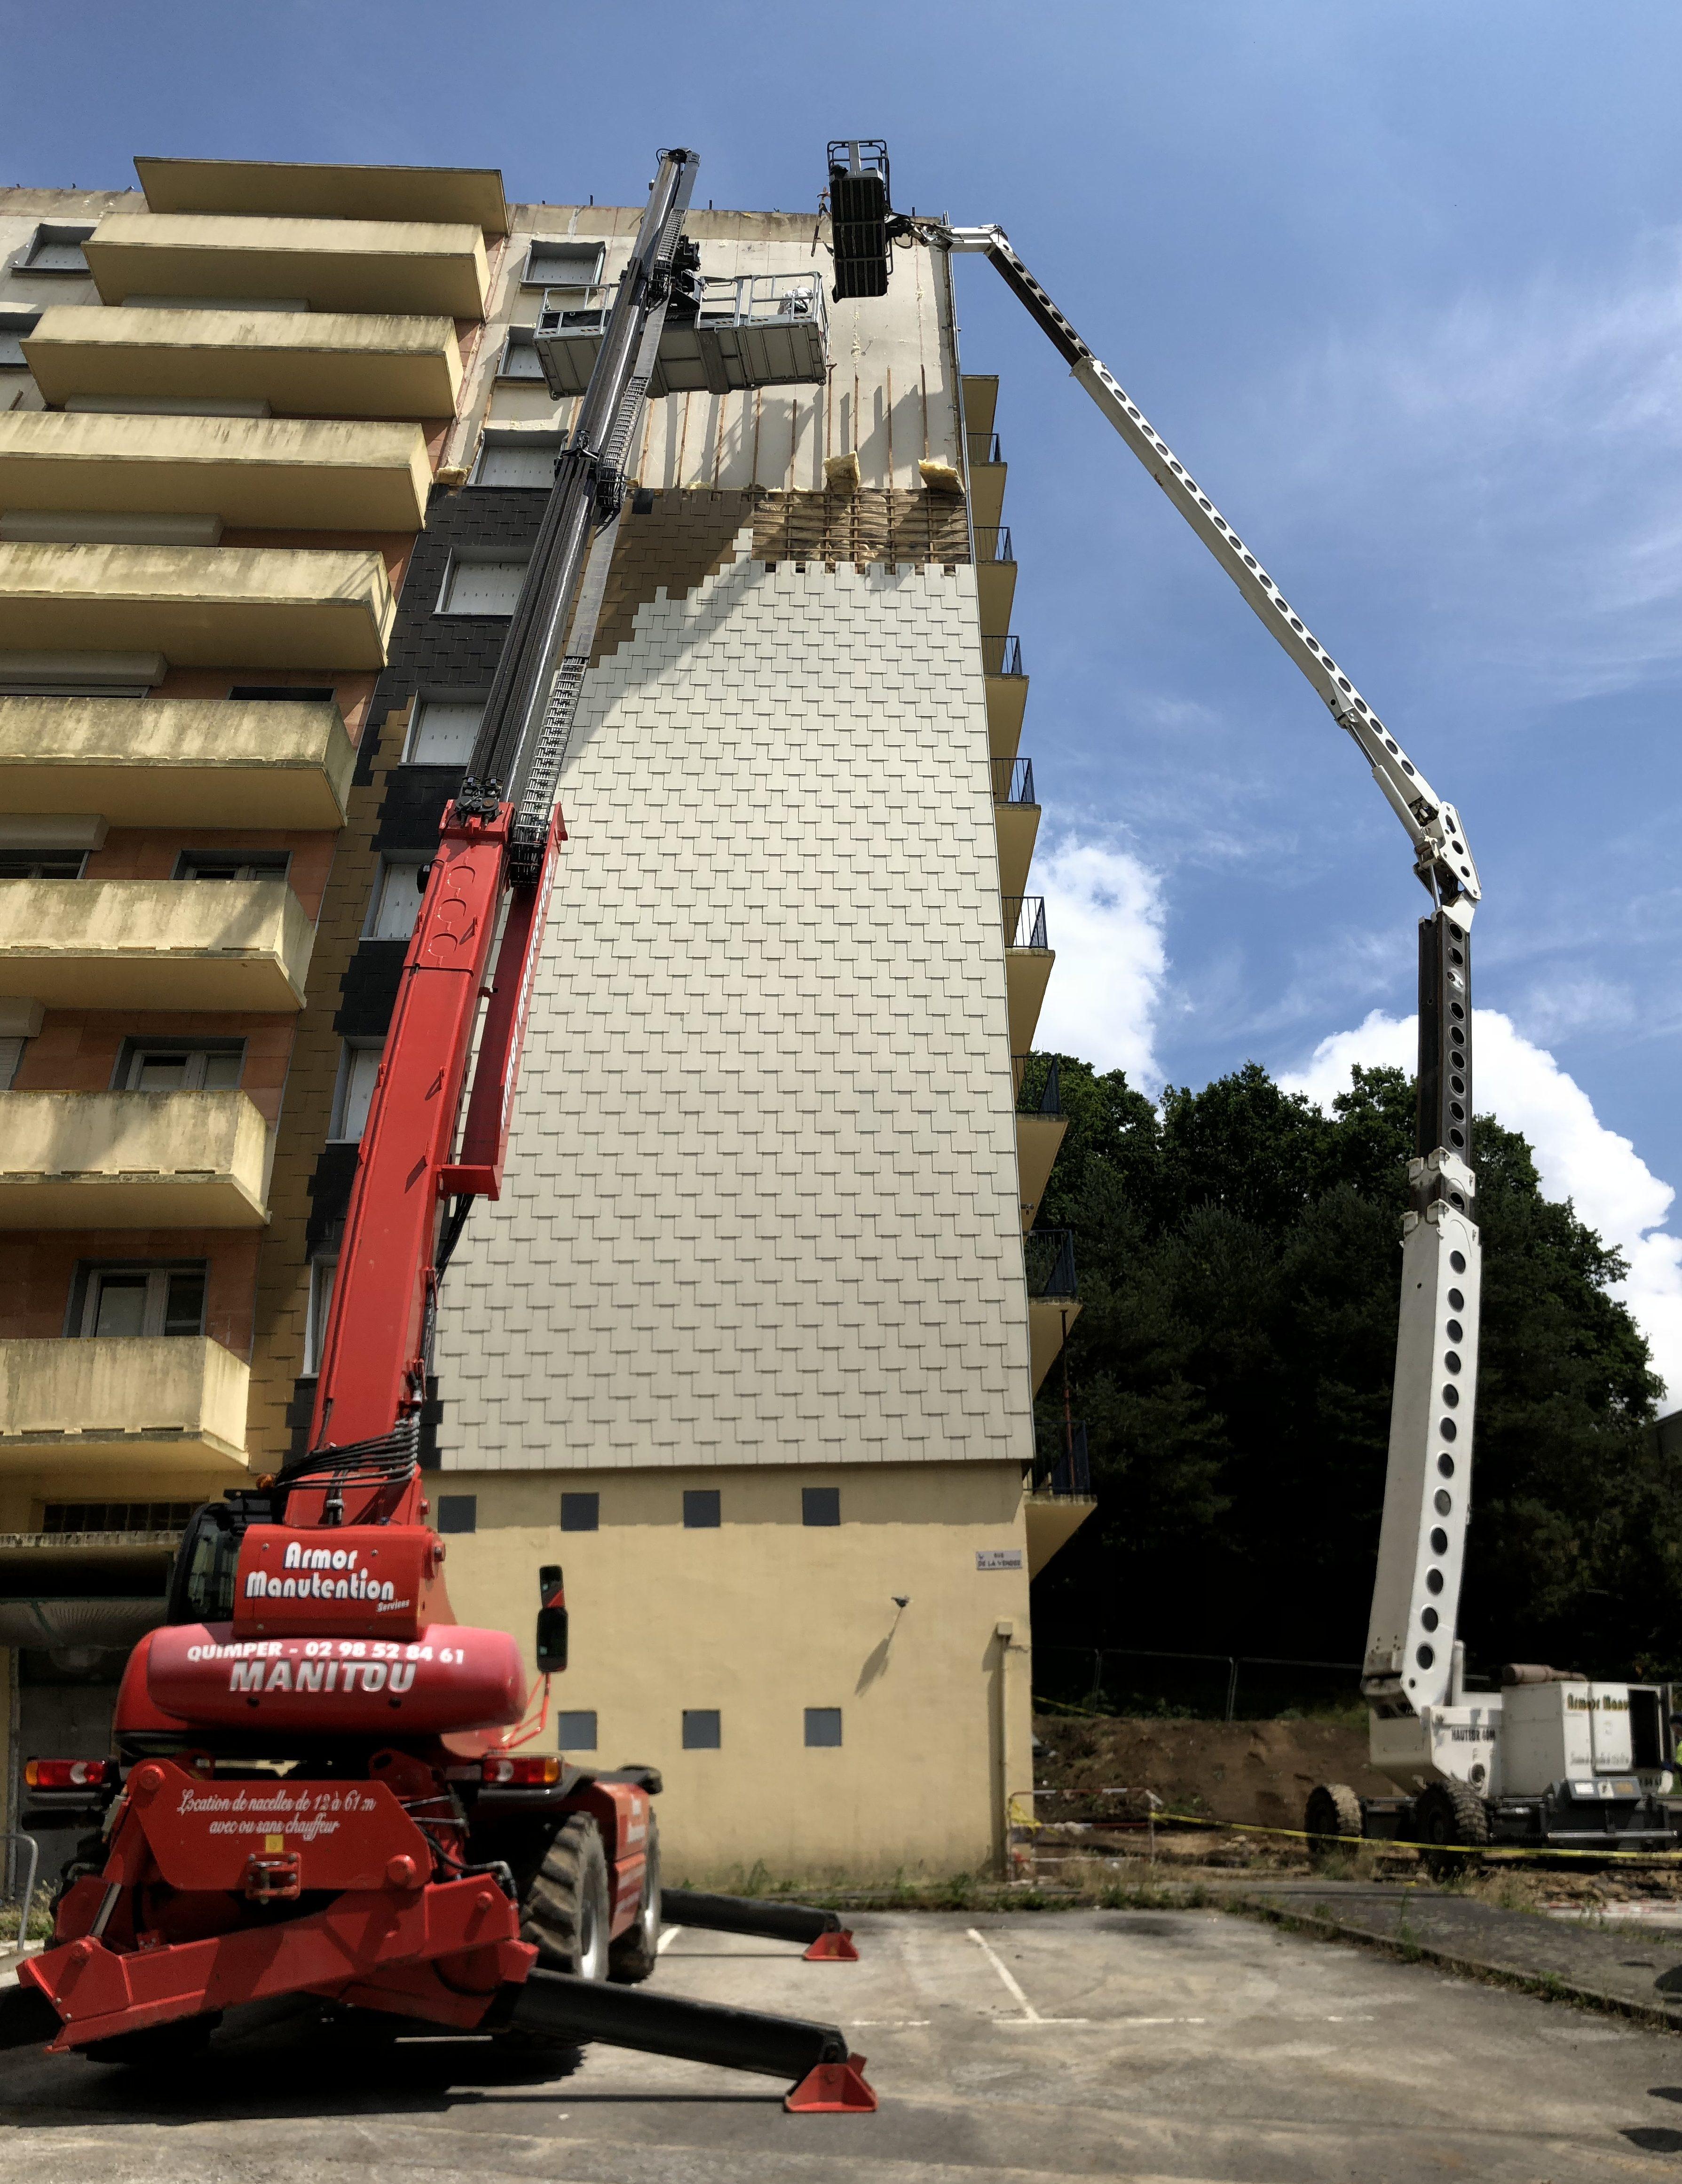 Gros Oeuvre Quimper opac de quimper - démolition de 4 immeubles r+9 - liziard